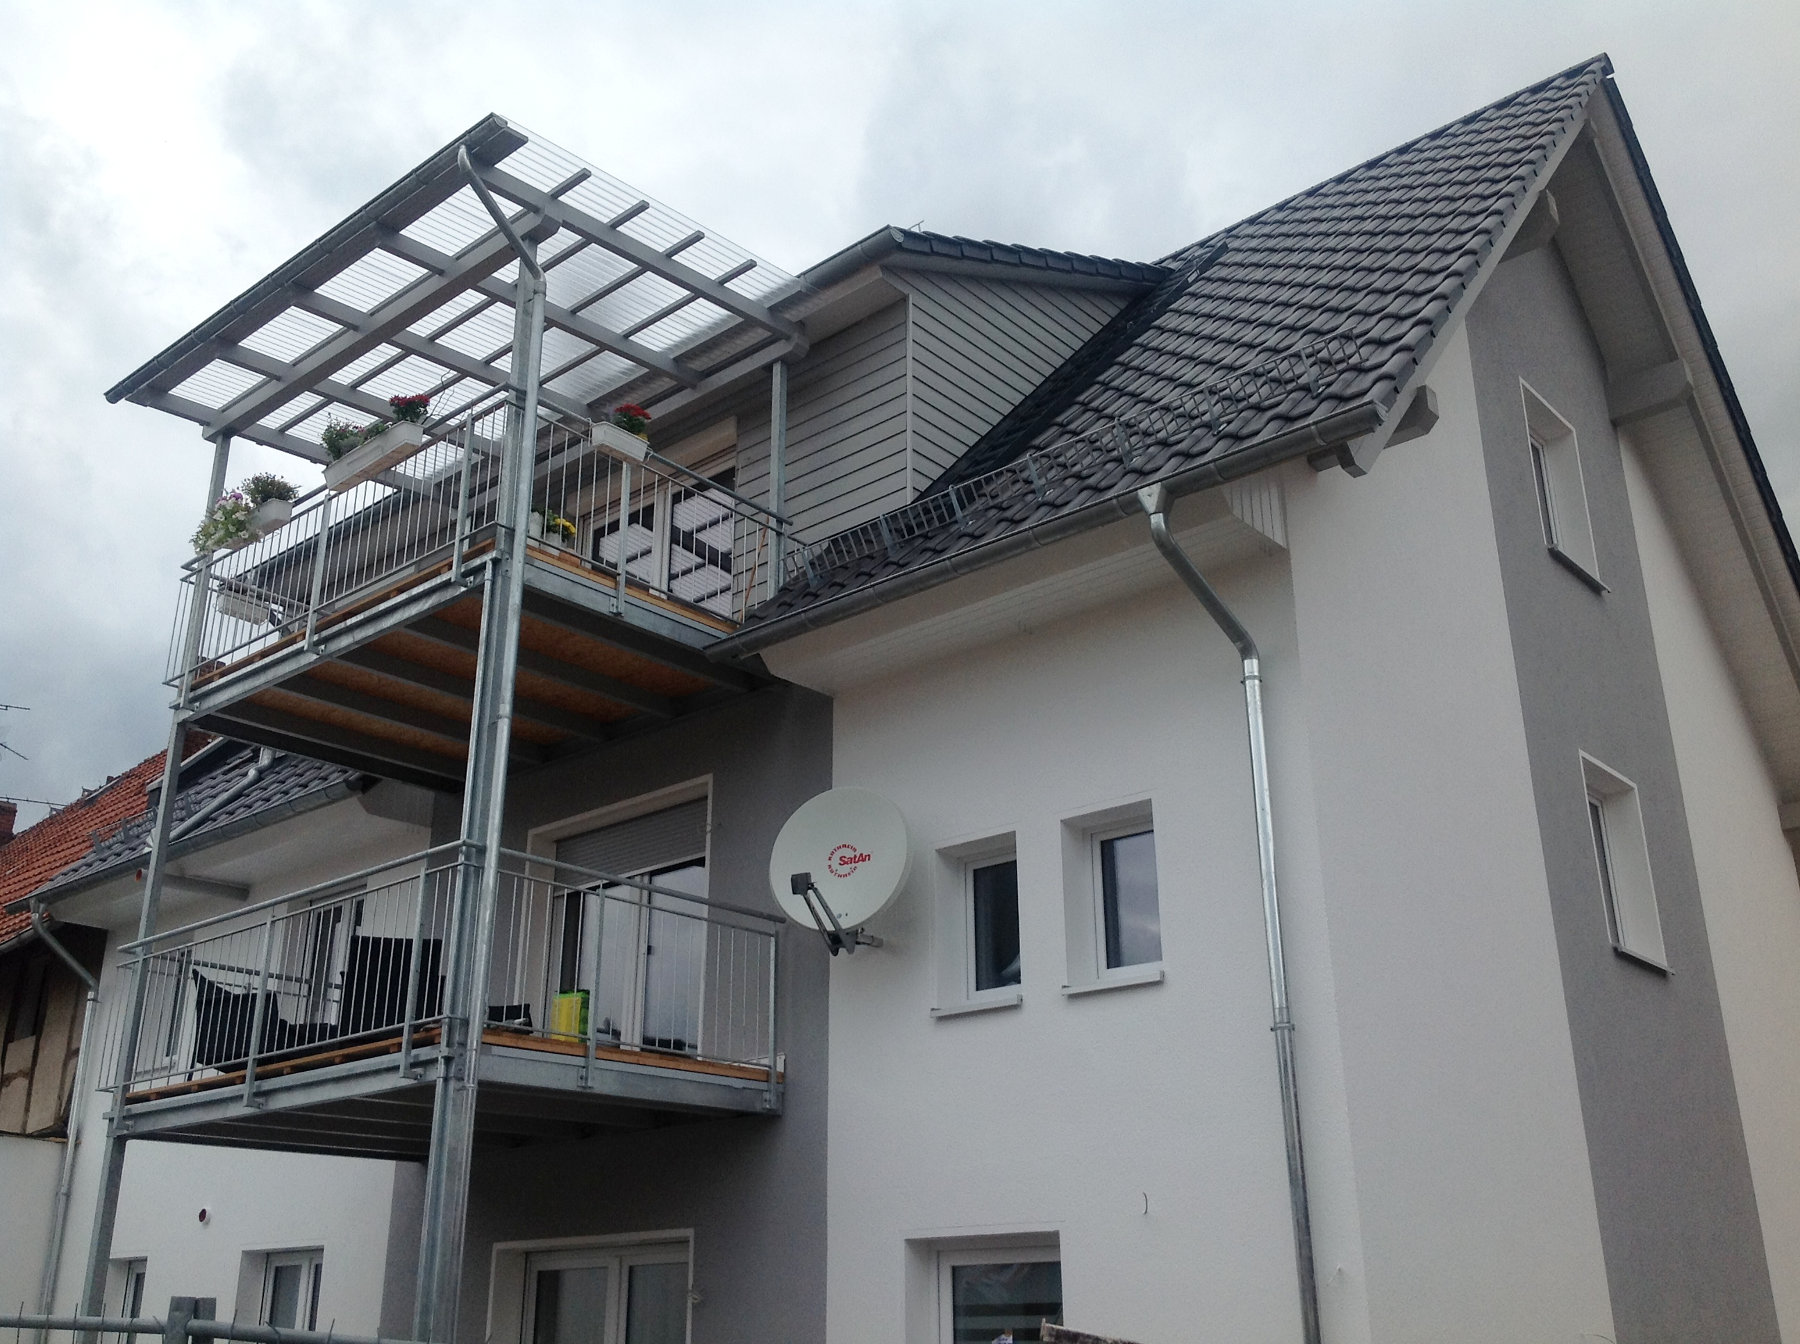 balkone erneuern anbauen wohnung mit balkon g ttingen holzbau bedachungen uwe klingebiel. Black Bedroom Furniture Sets. Home Design Ideas